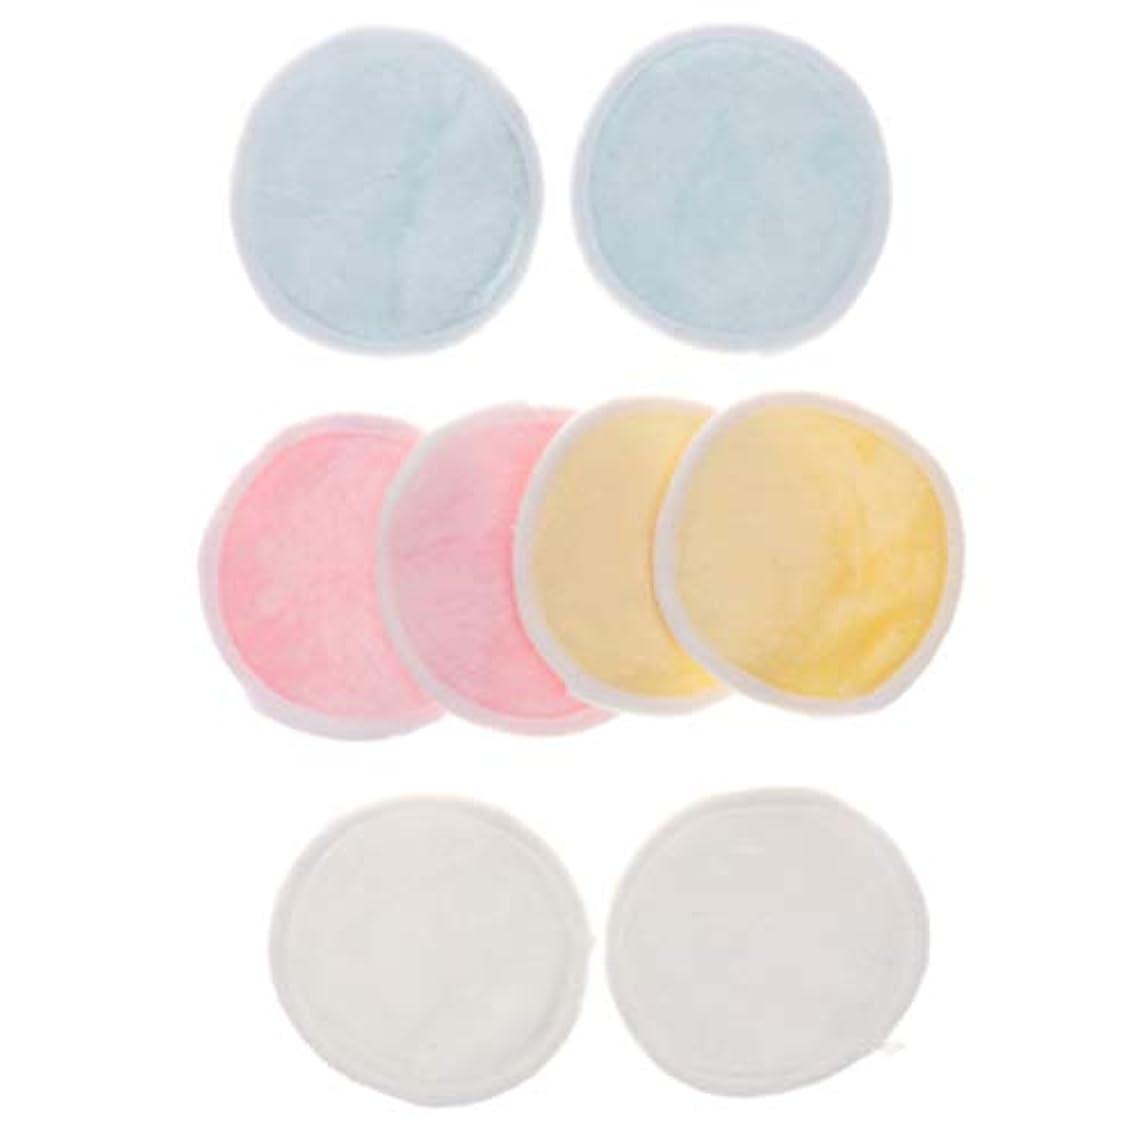 スクリーチ中央早熟B Blesiya クレンジングシート 化粧落としパッド メイク落としコットン 再使用可 化粧用 持ち運びに便利 8個入